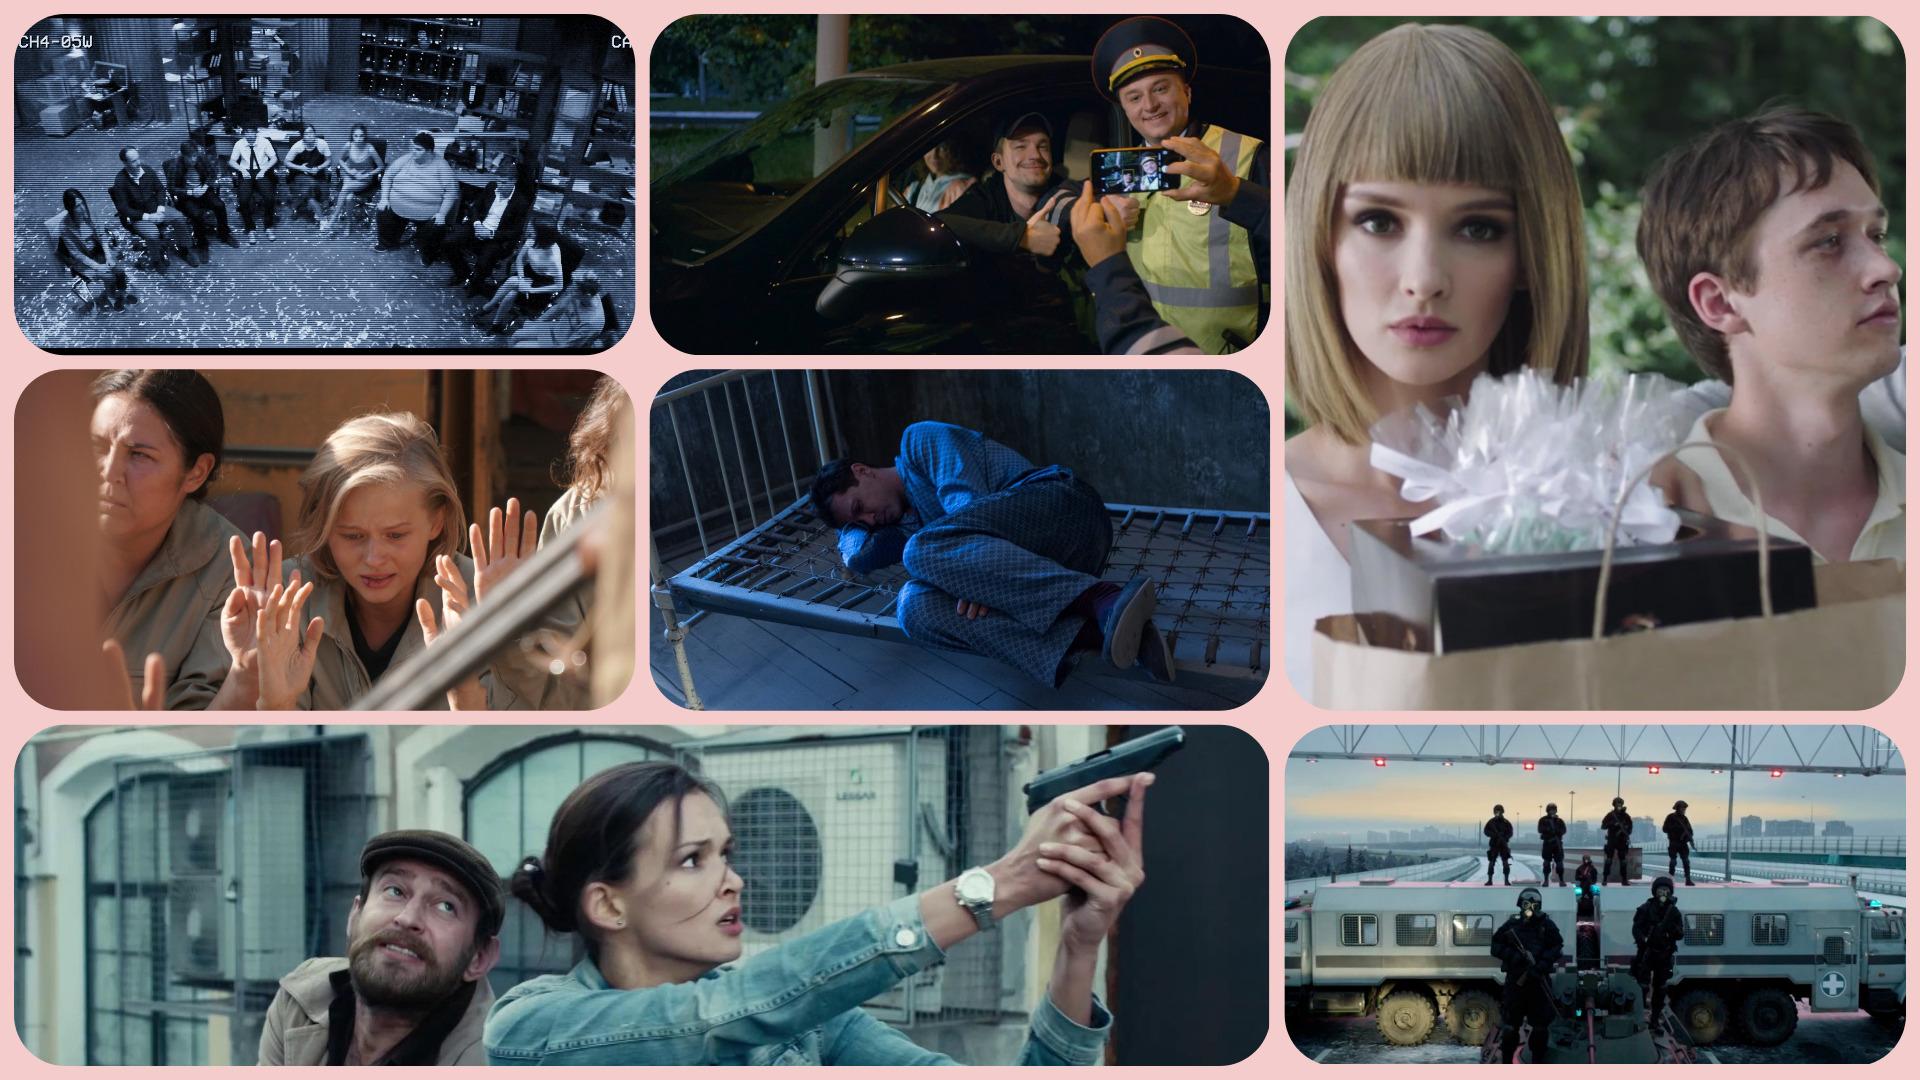 Екатерина Широкова: 7 российских сериалов, которые реально можно смотреть